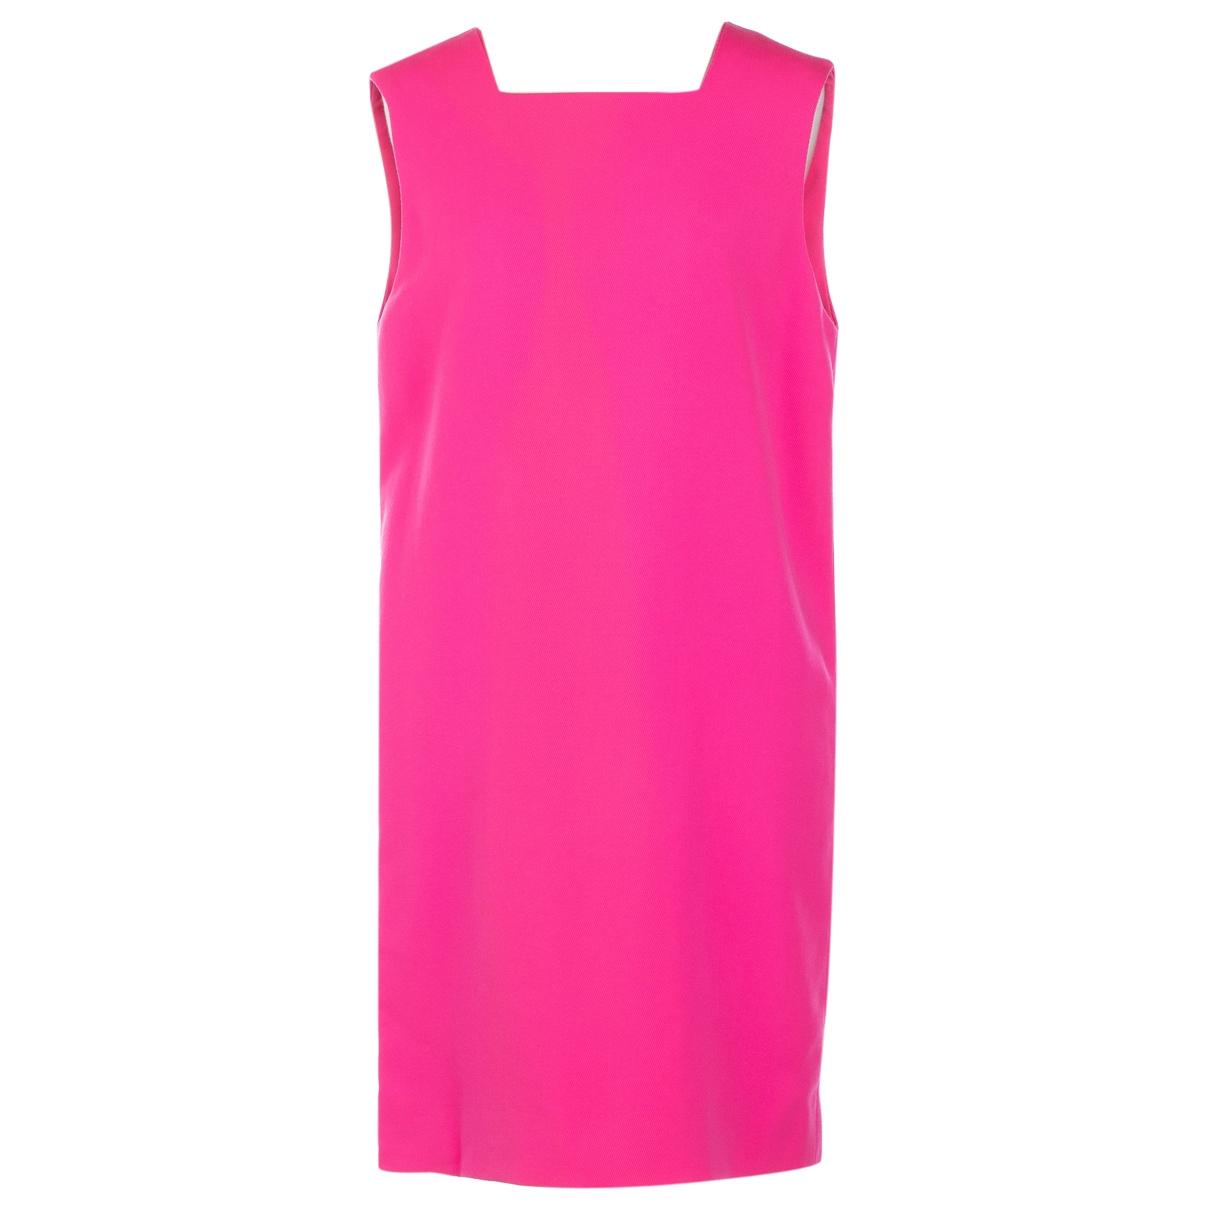 Gianni Versace - Robe   pour femme en laine - rose